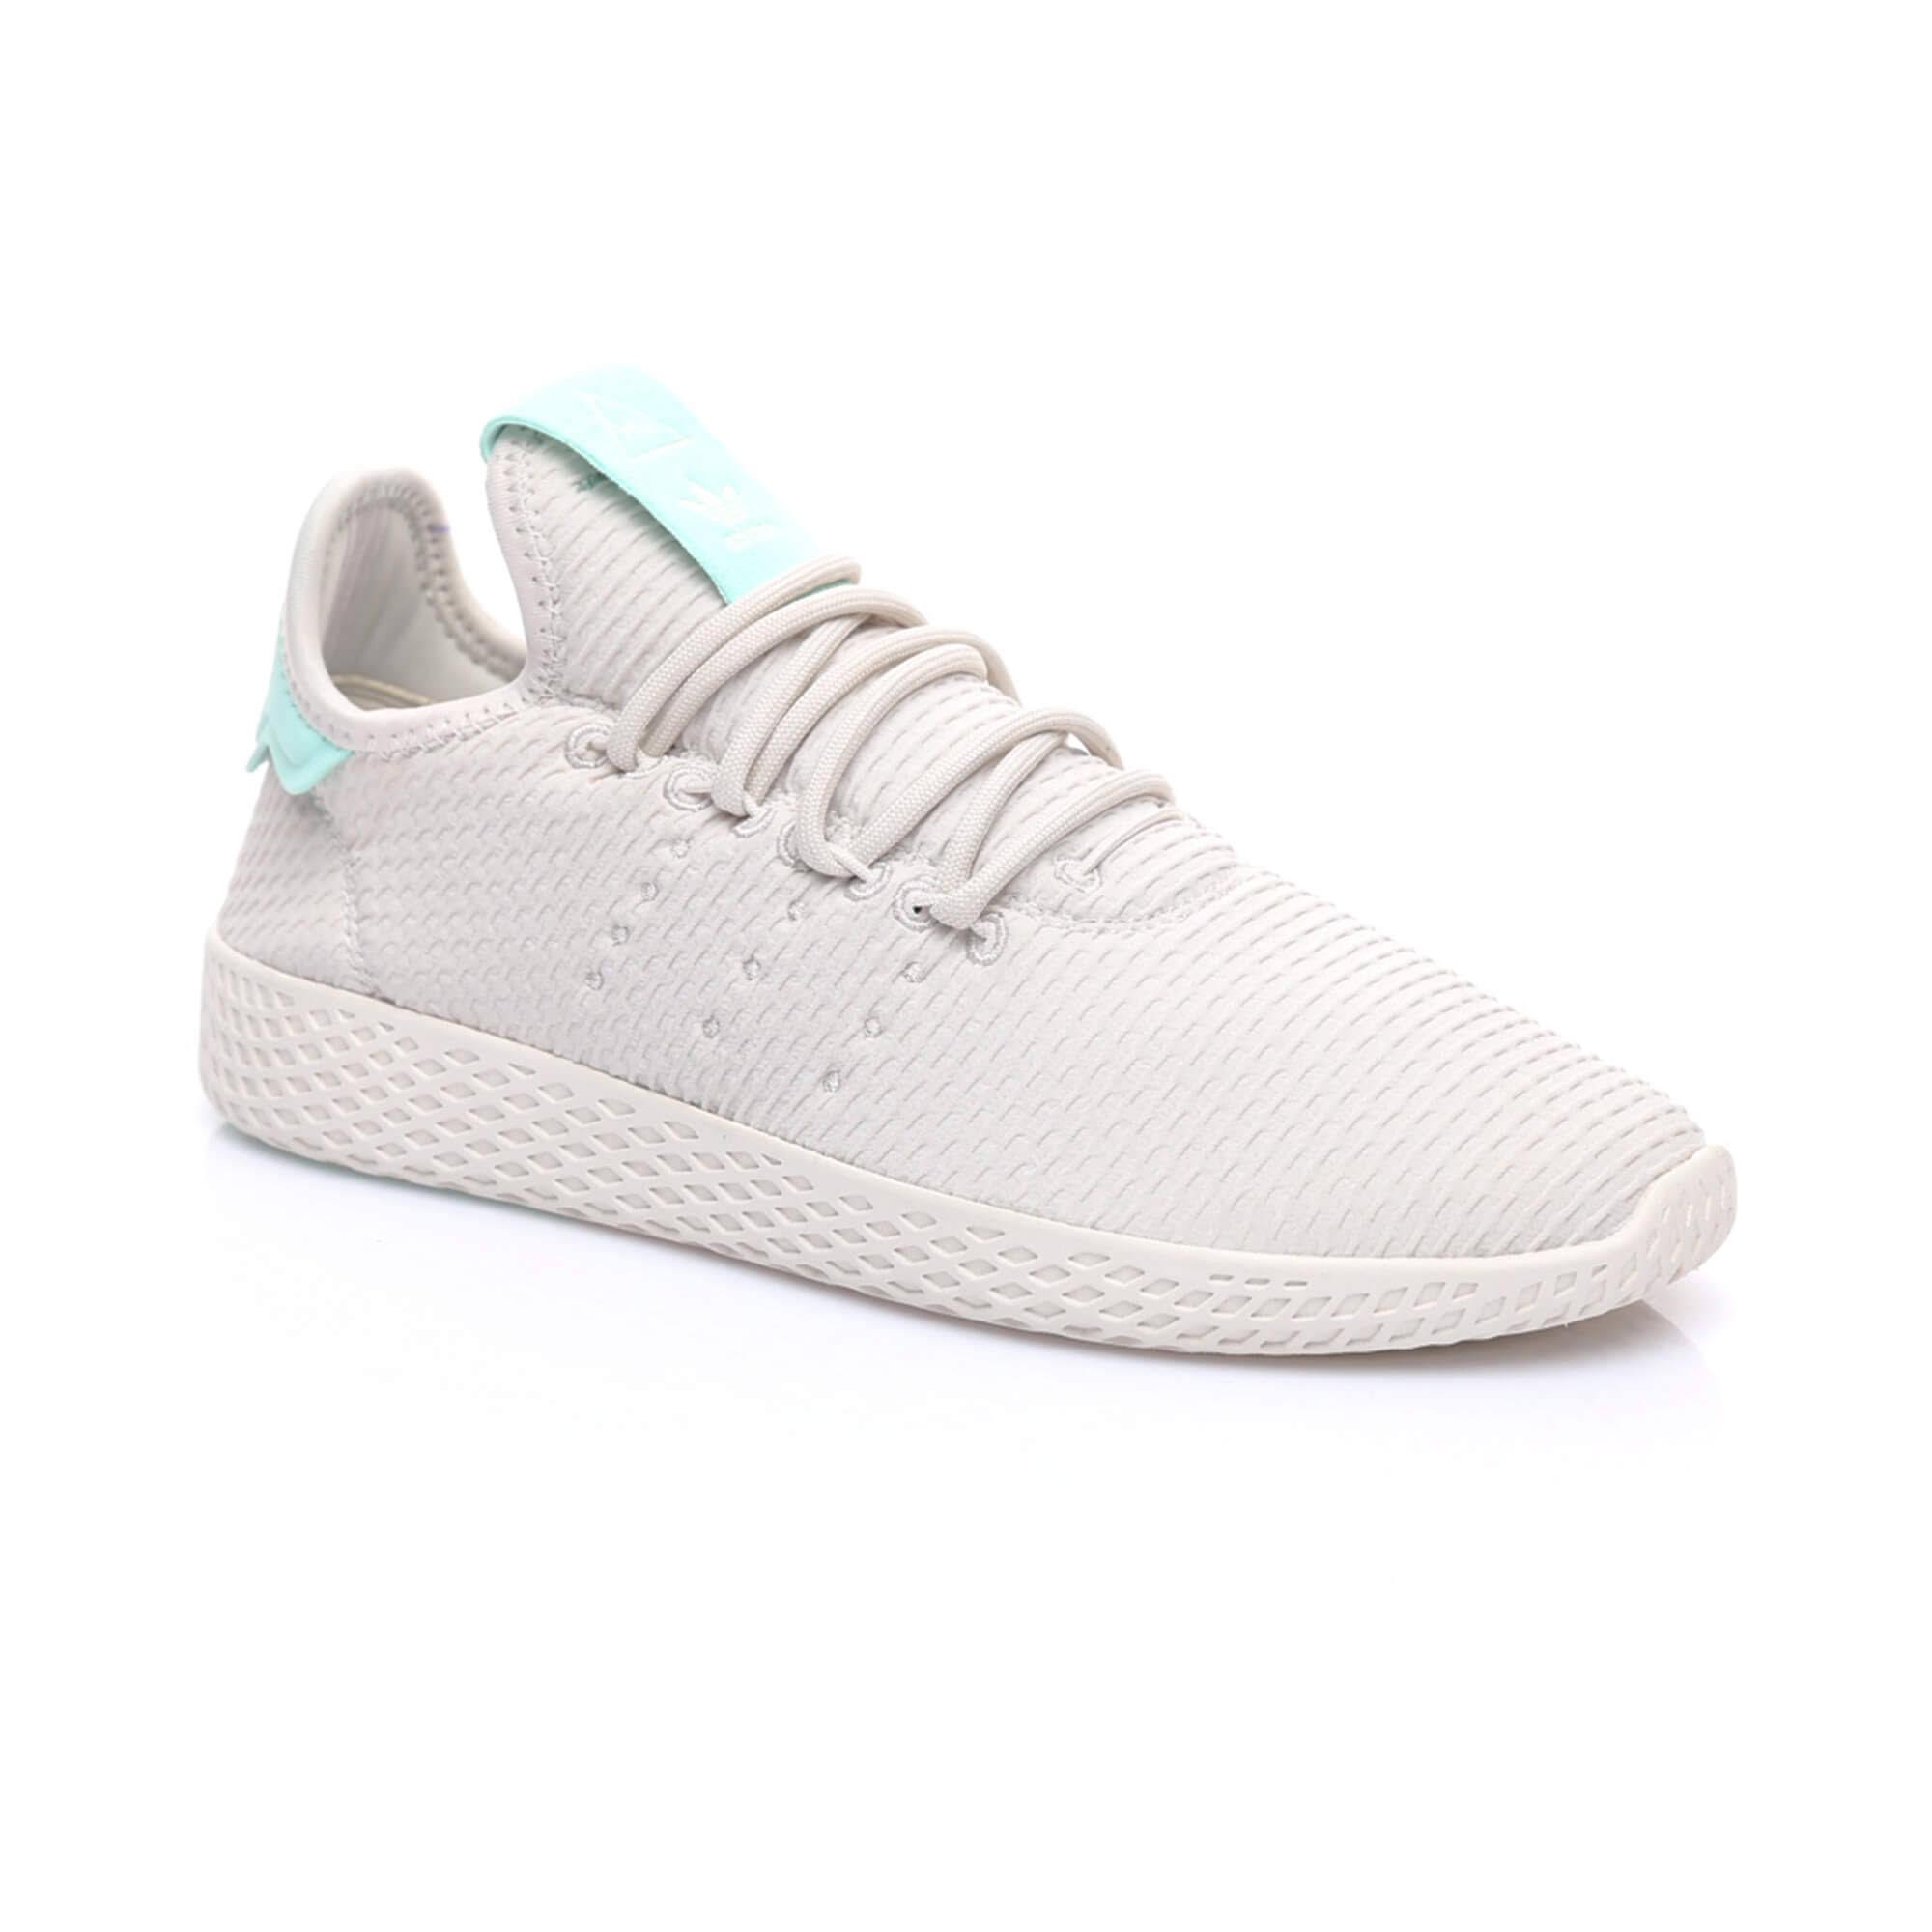 Günlük Adidas Ayakkabı Kadın B41885 W Taş Hu Tennıs Pw 5UzZqn1UH